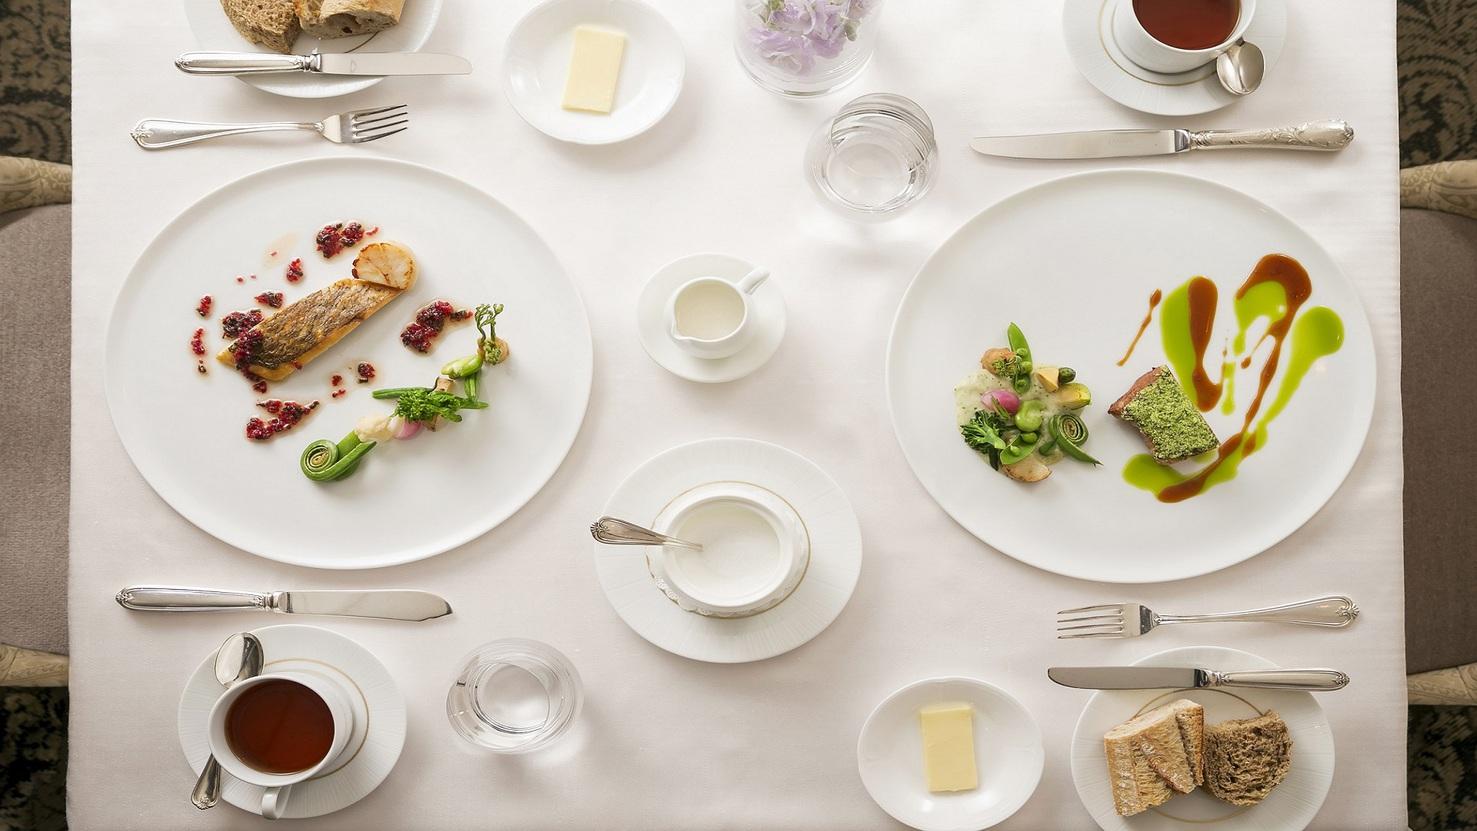 【フランス料理 モン・フレーブ】地元のお客様に好評のランチメニューも充実しております。